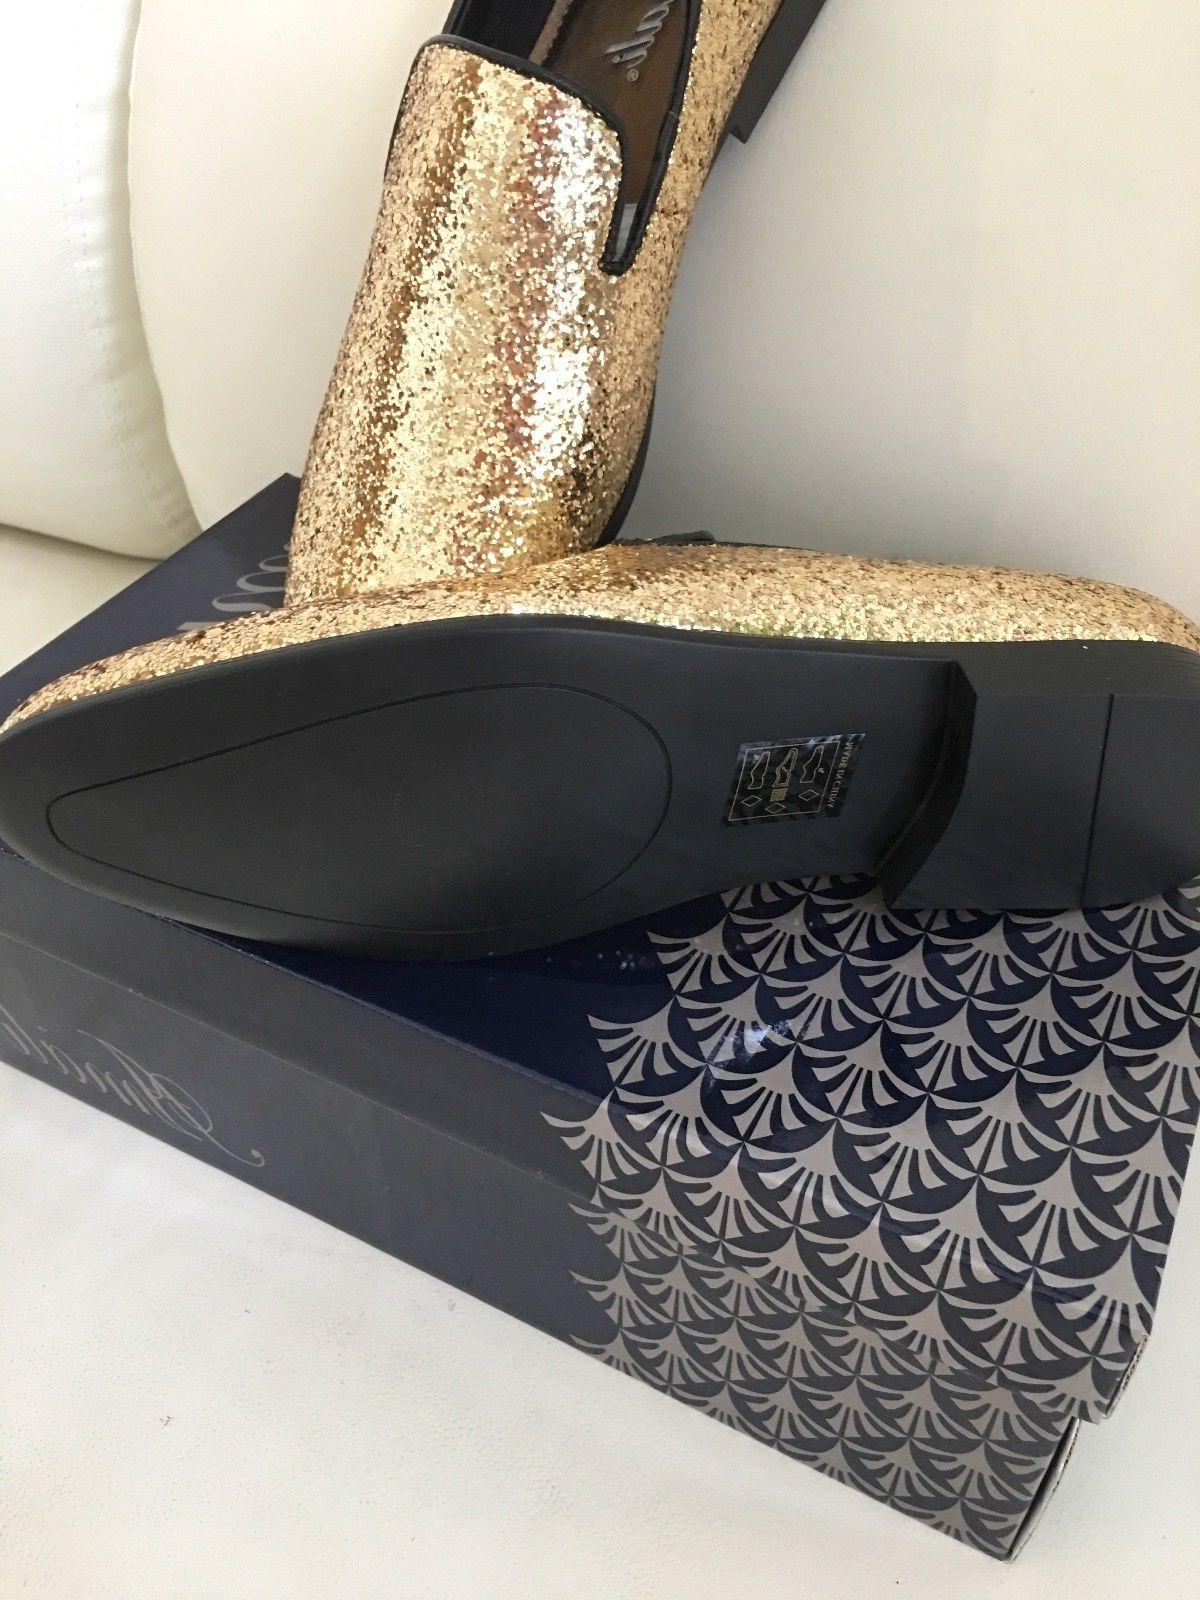 Amali Gold Mens Dress Loafer Slip On Wedding Tuxedo Fashionable